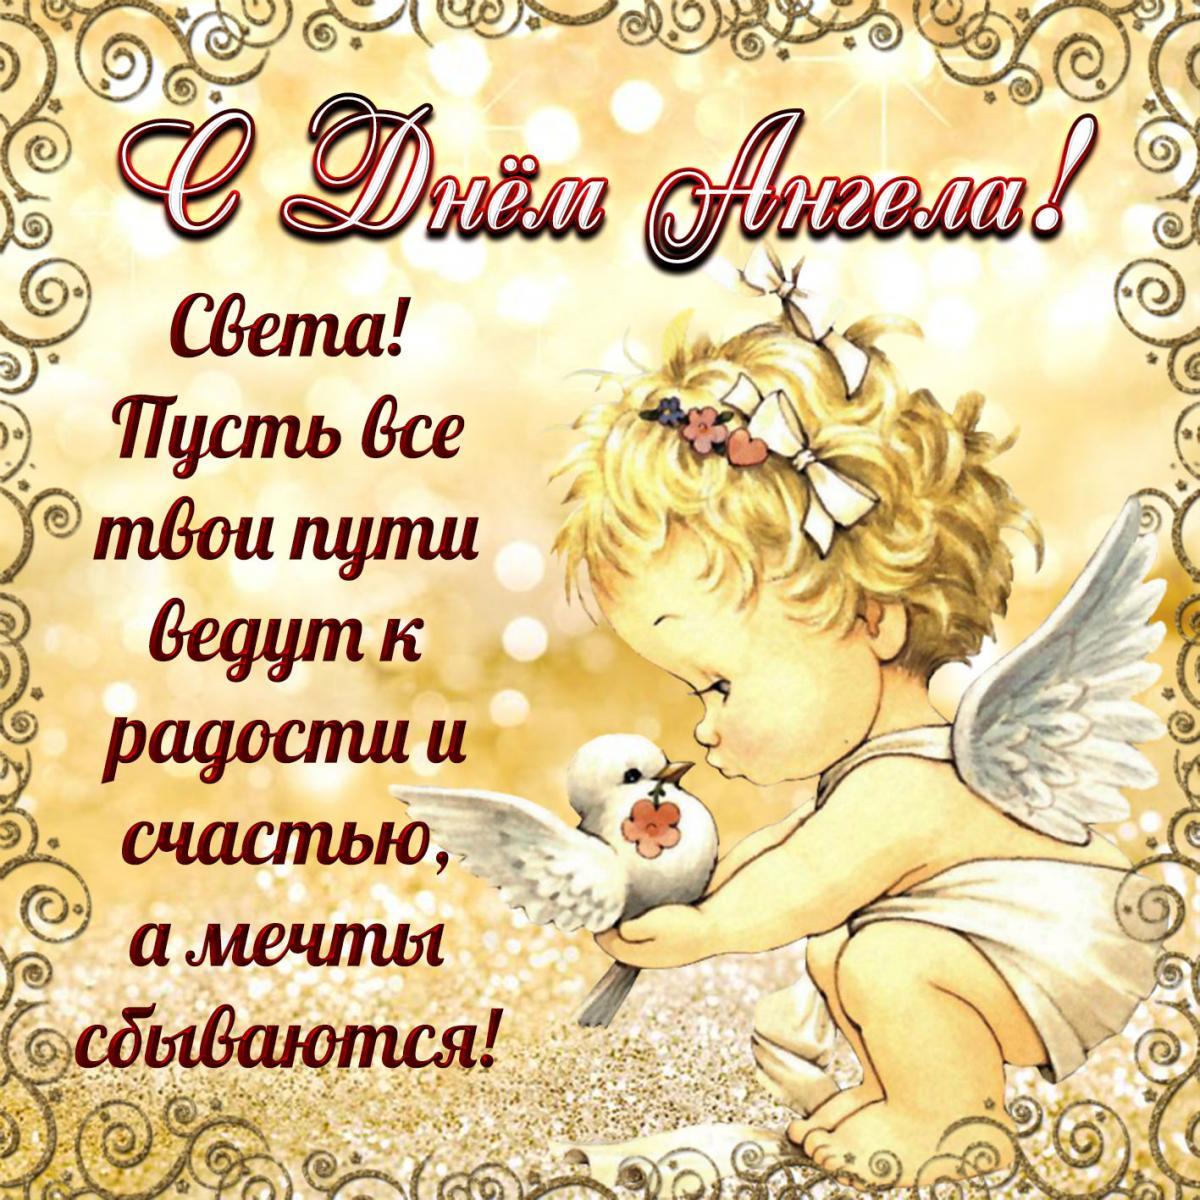 Именины Светланы поздравления / фото bonnycards.ru